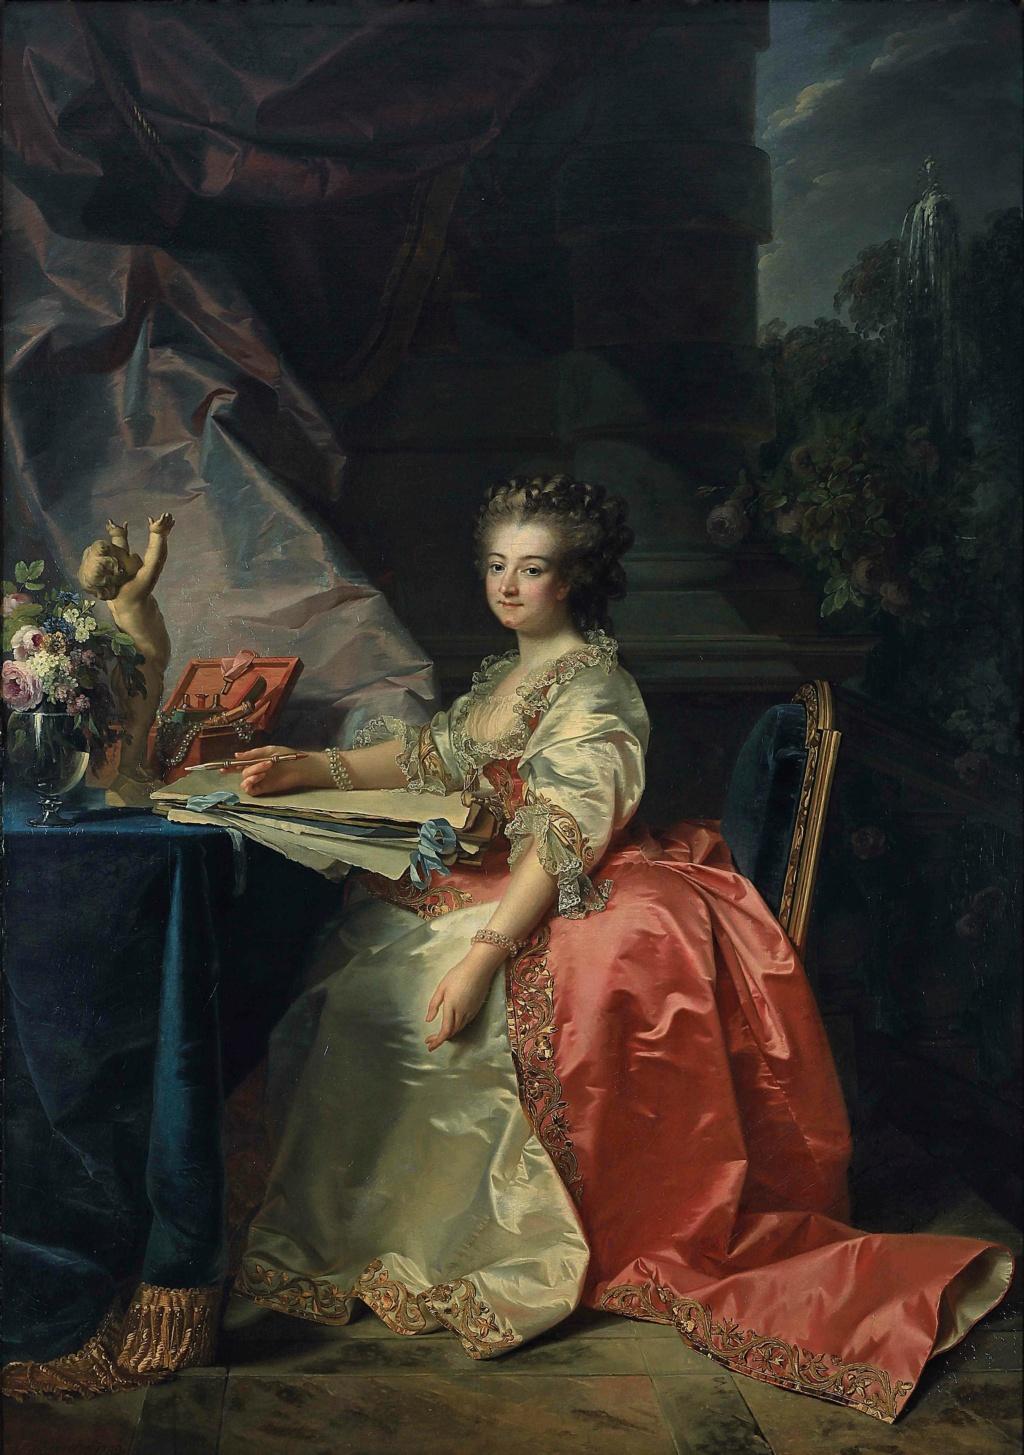 Le mécénat et les collections d'art et arts décoratifs de la princesse de Lamballe Mosnie11